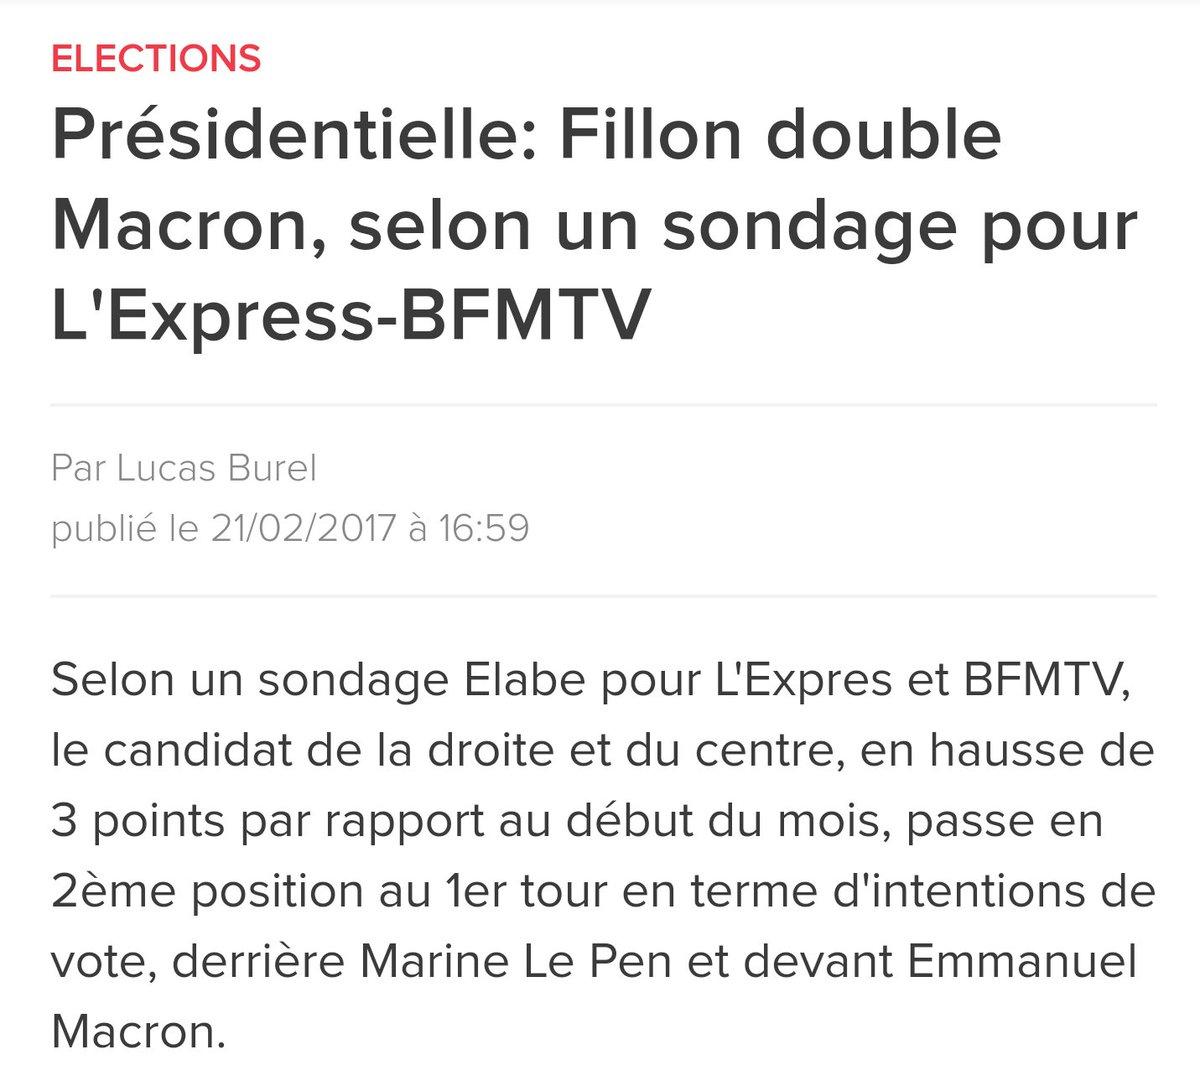 @FrancoisFillon en hausse de 3%  double @EmmanuelMacron en chute de 5%. L&#39;alternance passe par un vrai projet de réforme #Fillon2017  <br>http://pic.twitter.com/K9QPml3Ckn